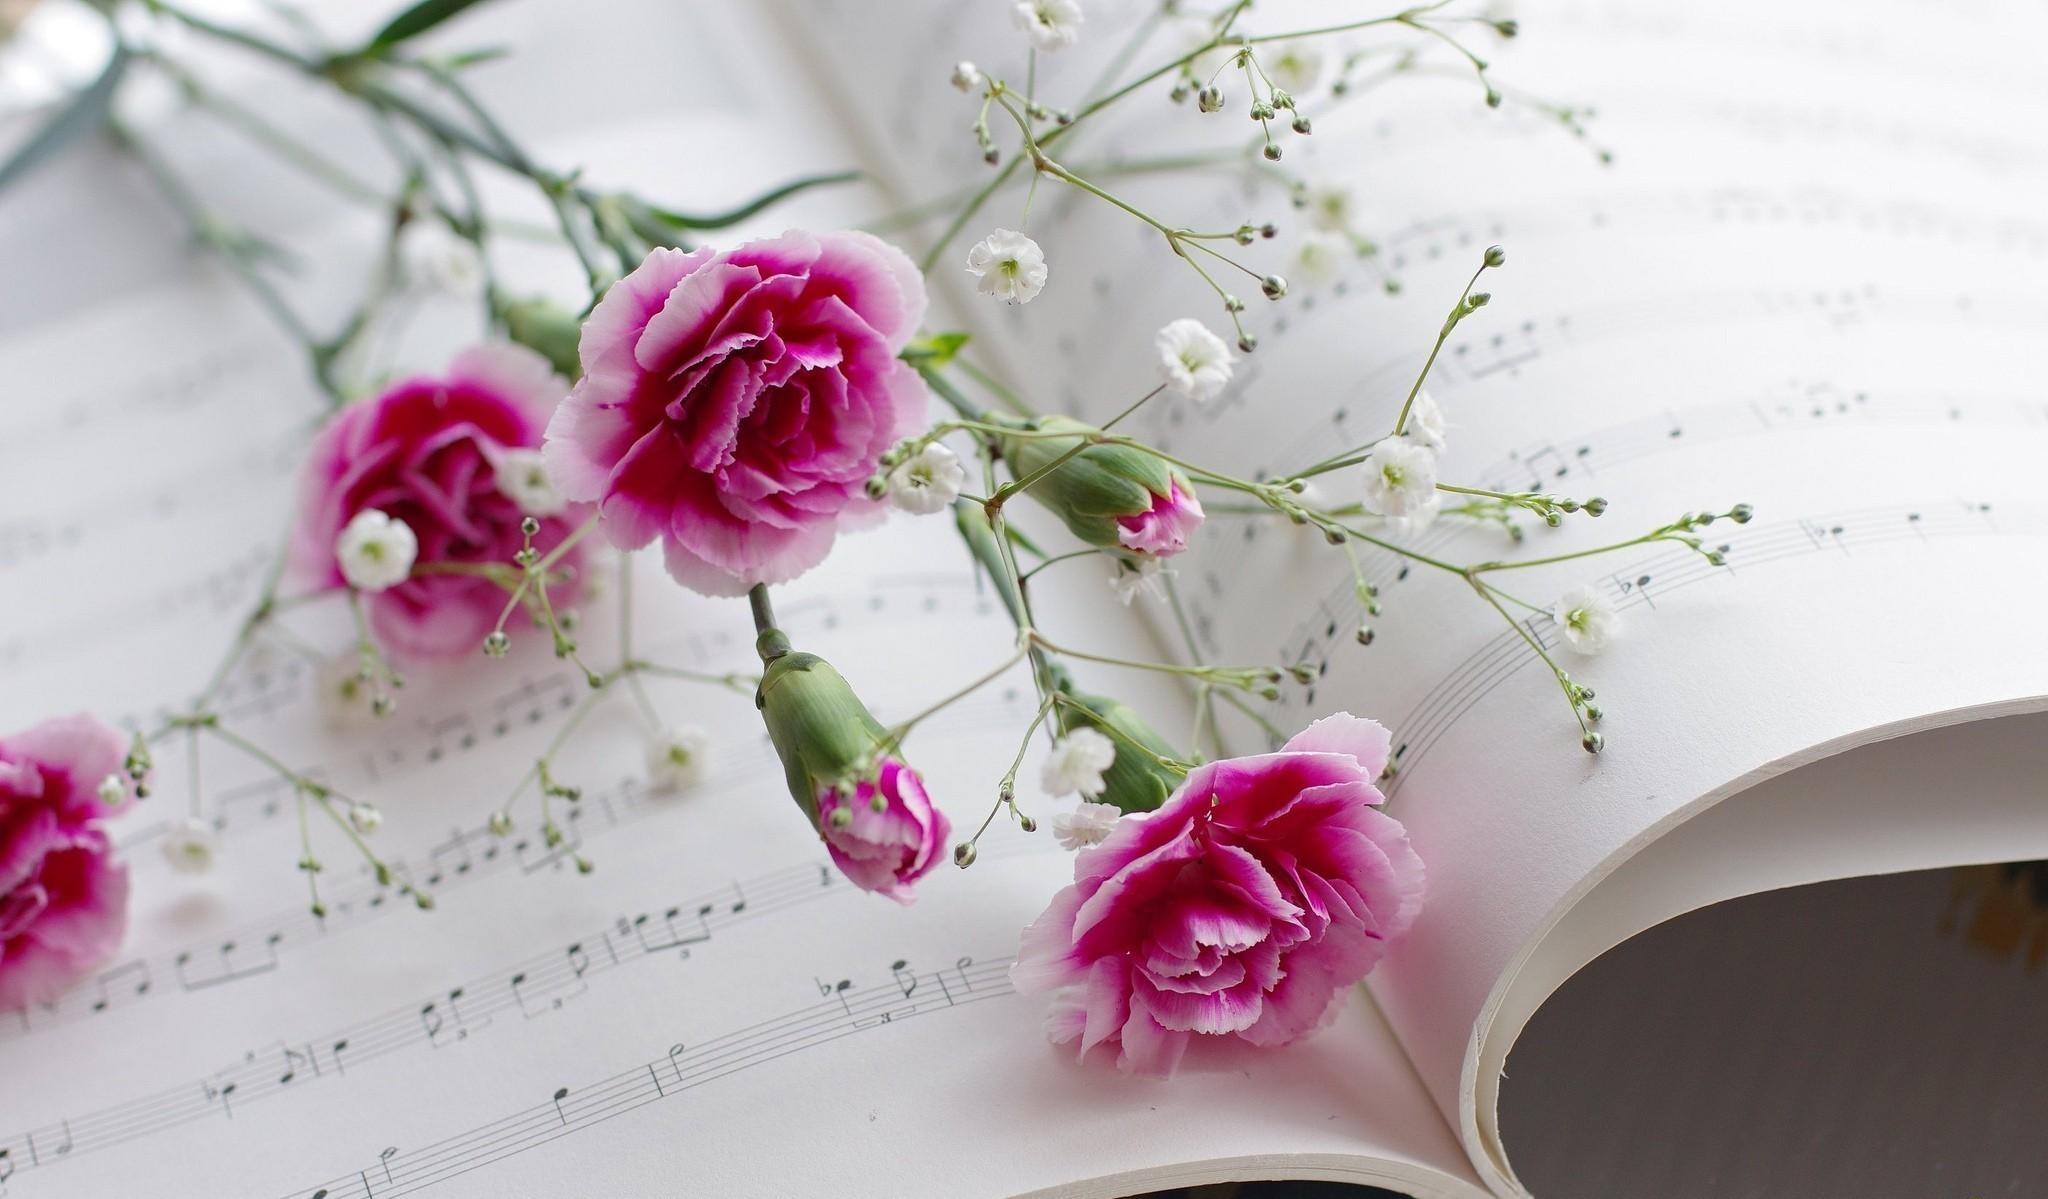 21052 скачать обои Растения, Цветы, Букеты - заставки и картинки бесплатно